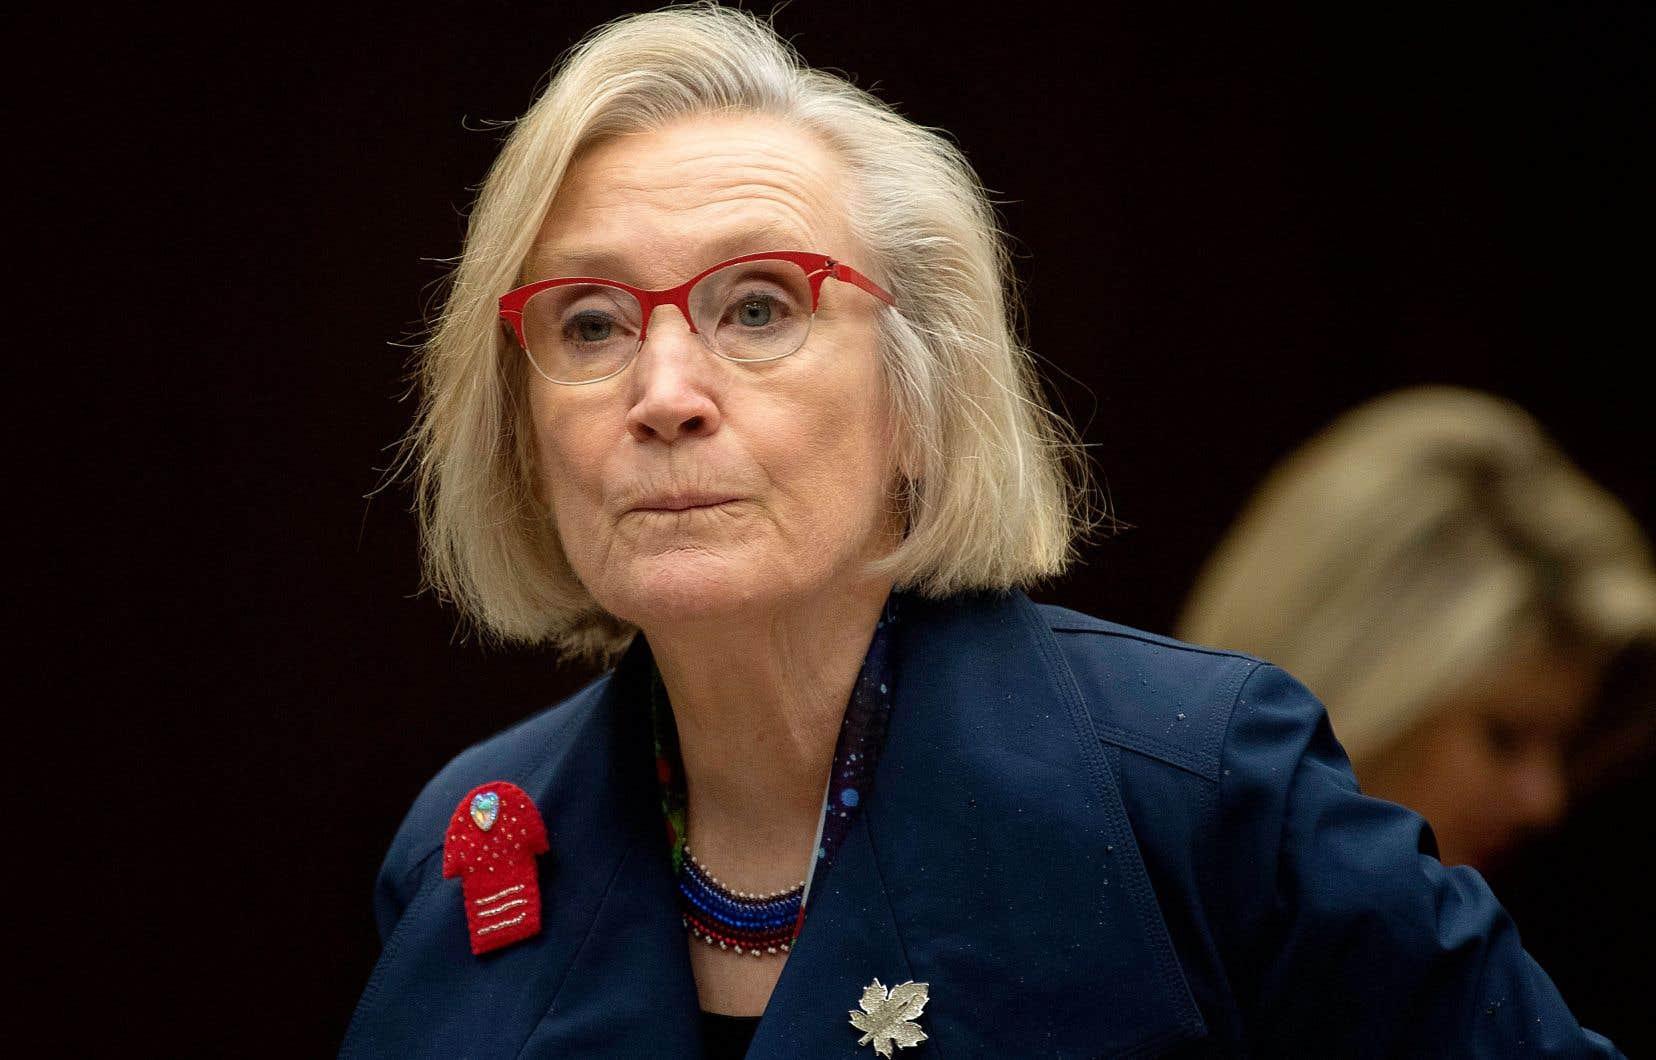 De passage en comité parlementaire mardi, la ministre Carolyn Bennett s'est défendue d'avoir ignoré les chefs élus de la nation wet'suwet'en.